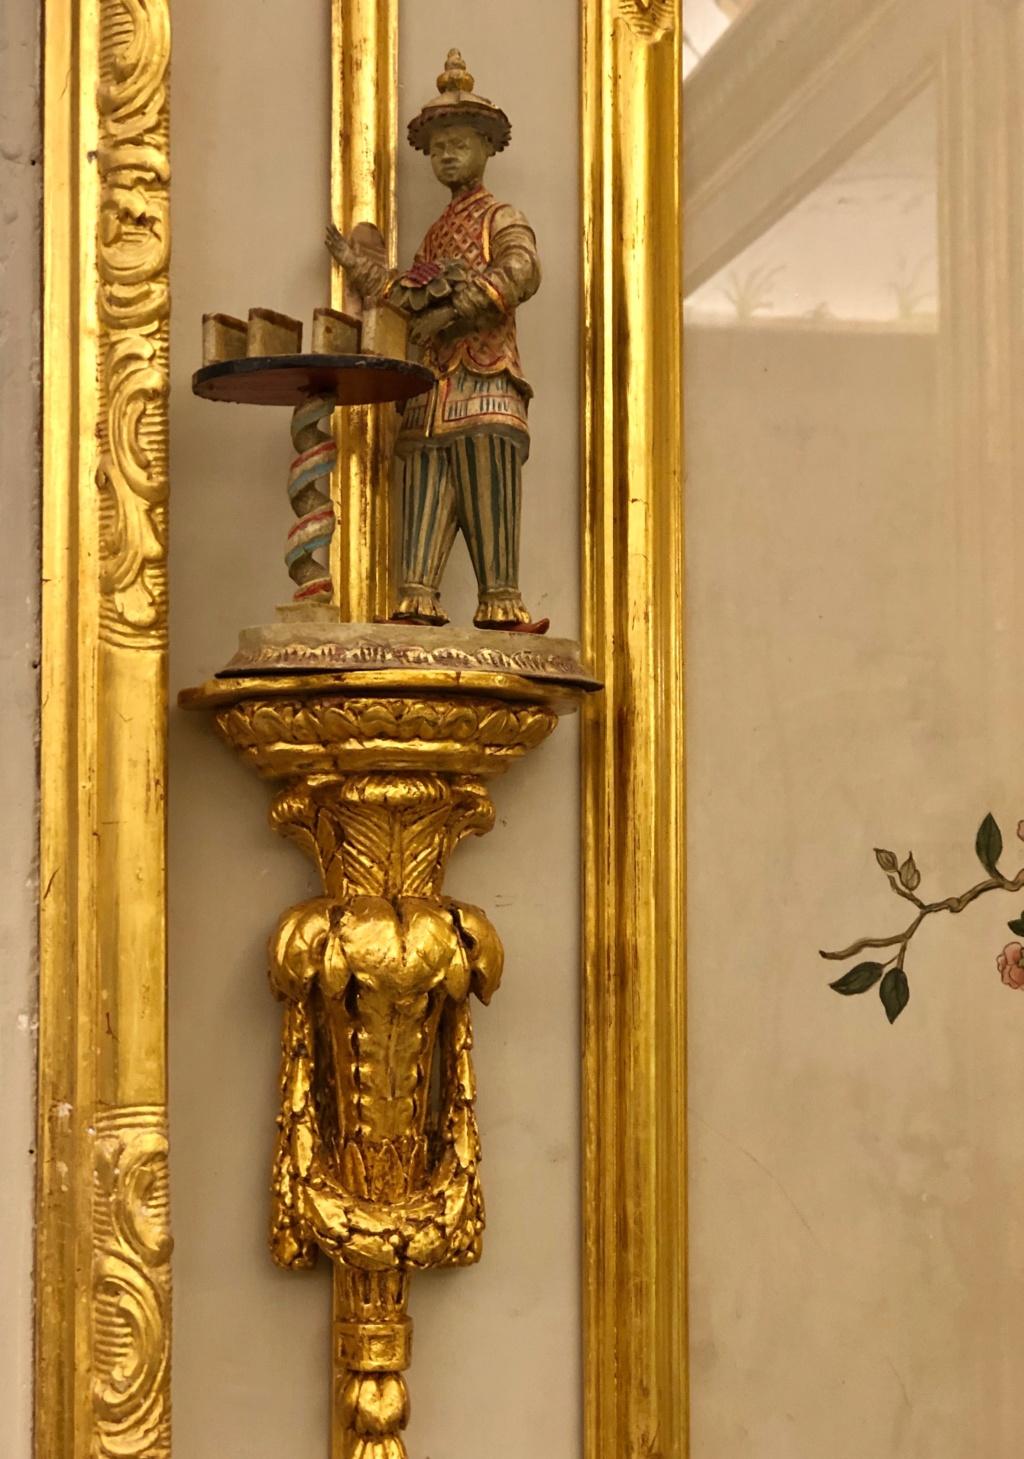 Visite de la Fondation Accorsi - Ometto, musée des arts décoratifs (Turin) : le Cognacq-Jay turinois Img_5421